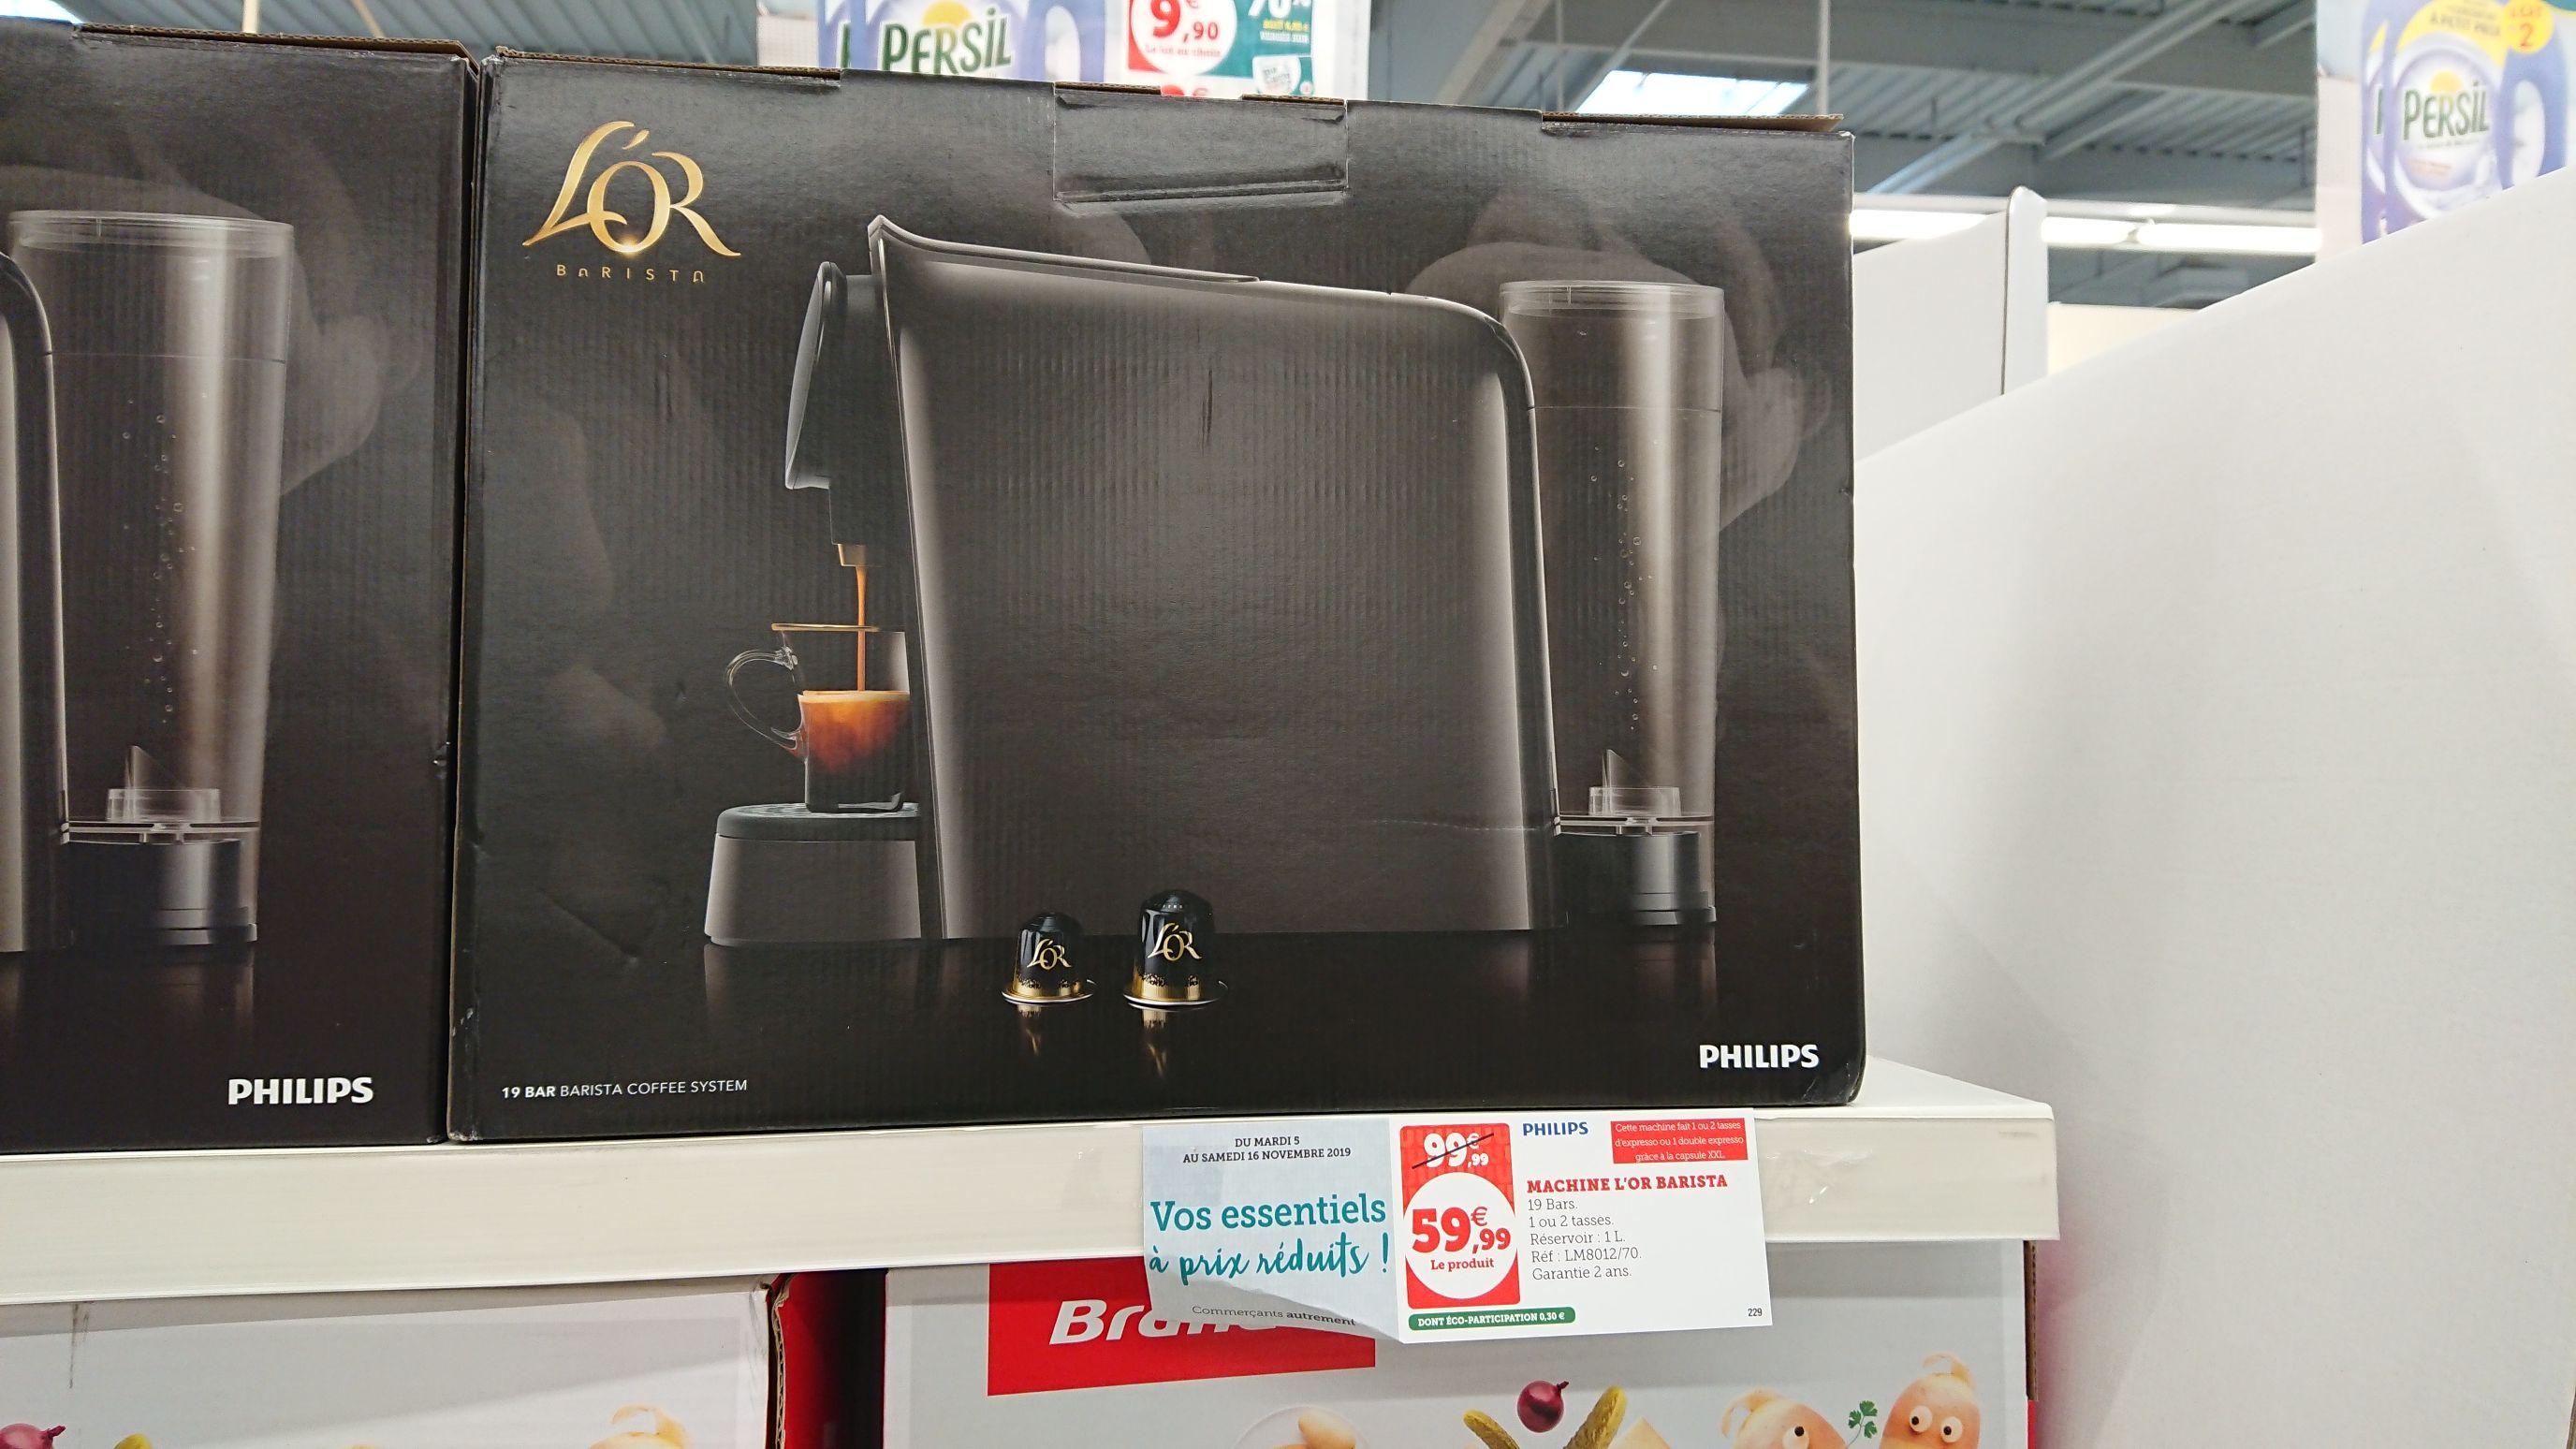 Machine à café l'Or Barista LM8012/70 - Super U Mauleon (79)